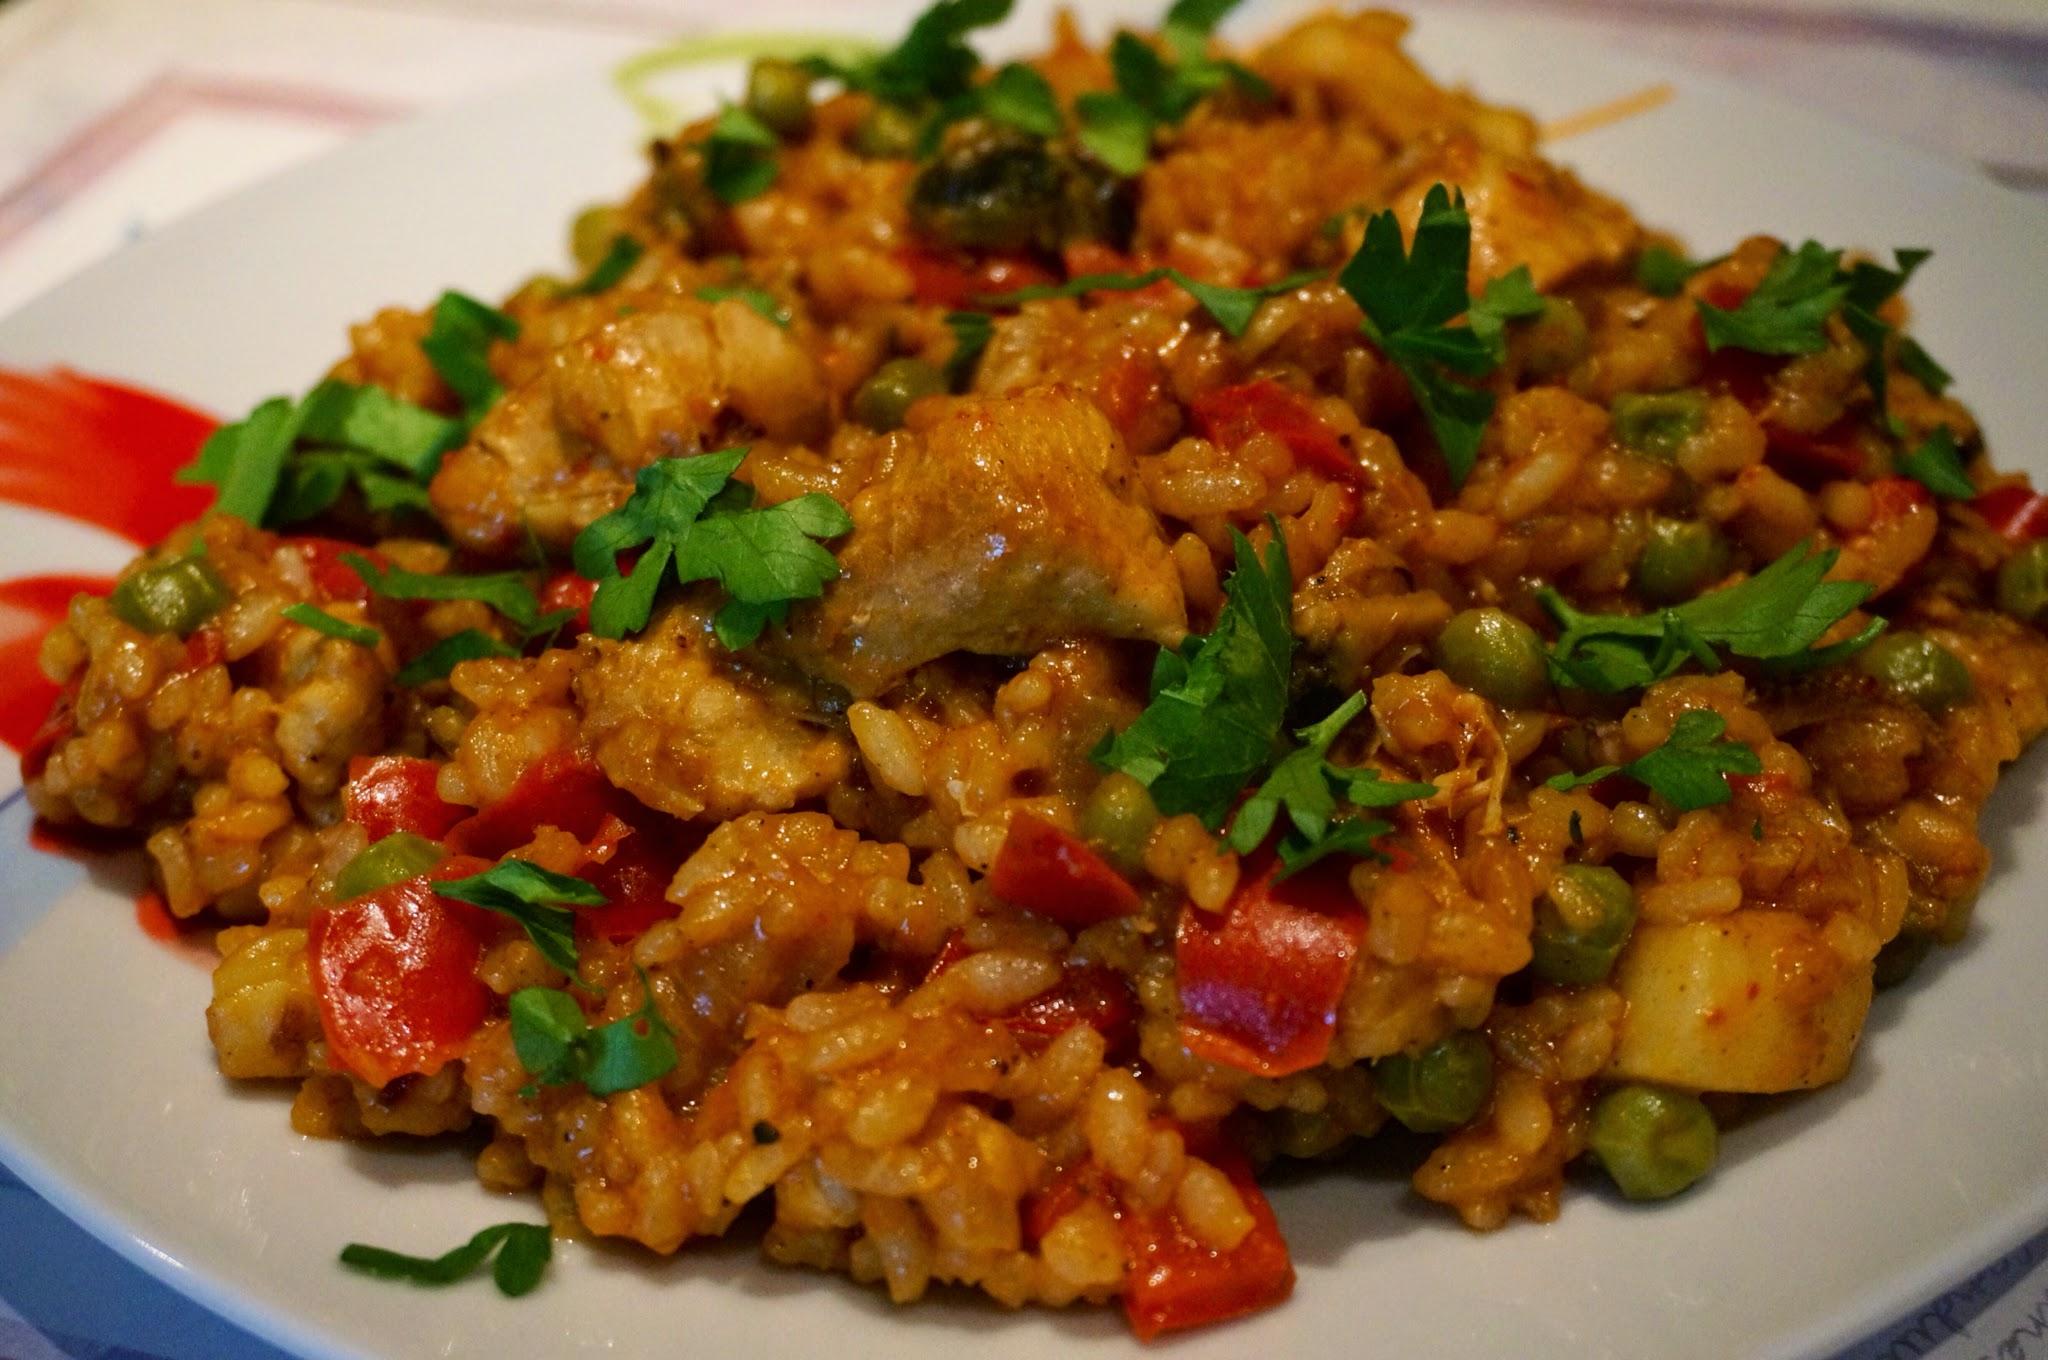 Рецепт паэльи с курицей и овощами фото рецепт пошаговый